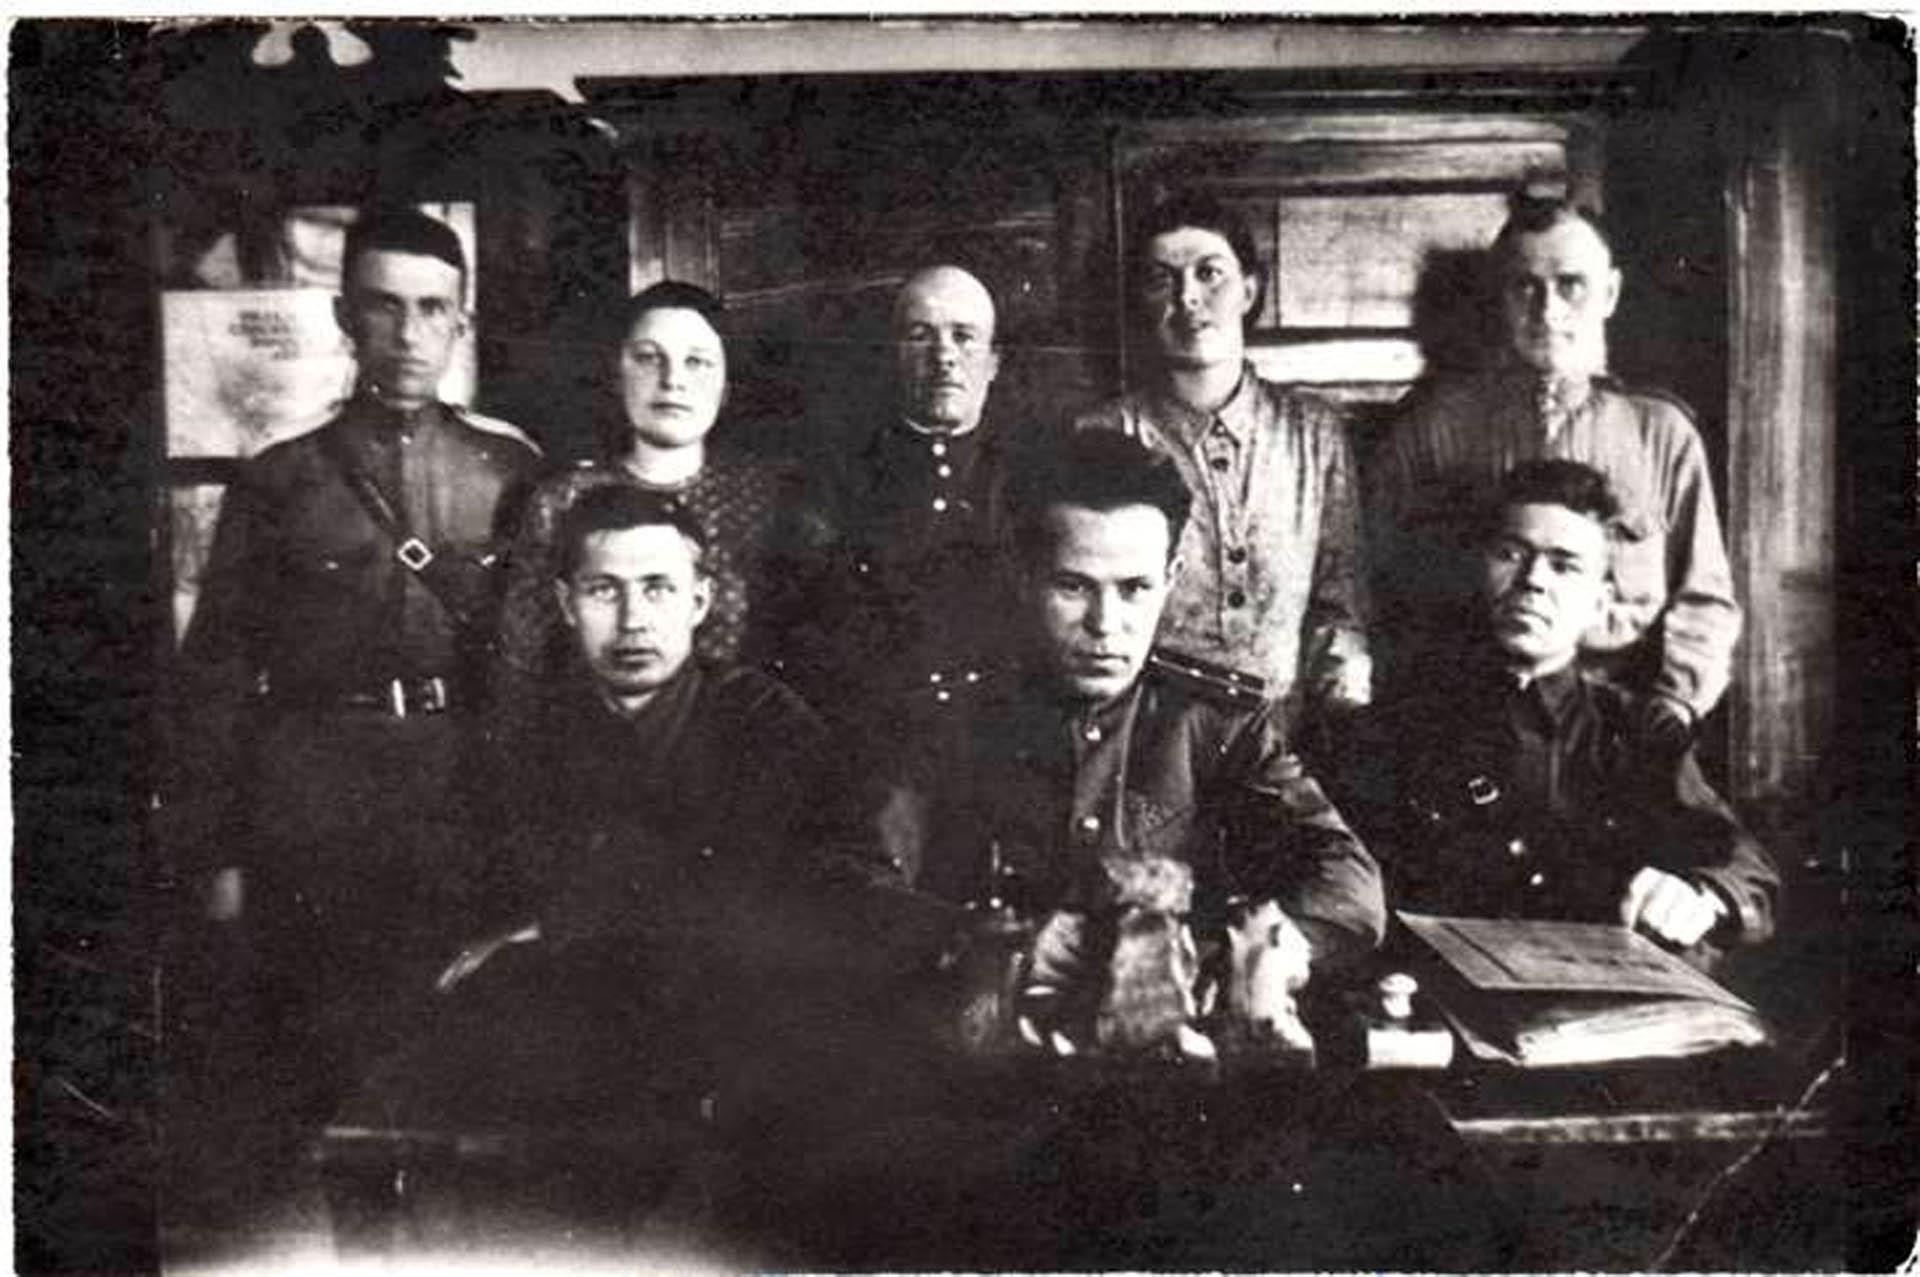 Сотрудники милиции в Нязепетровске, фото 1943 года.